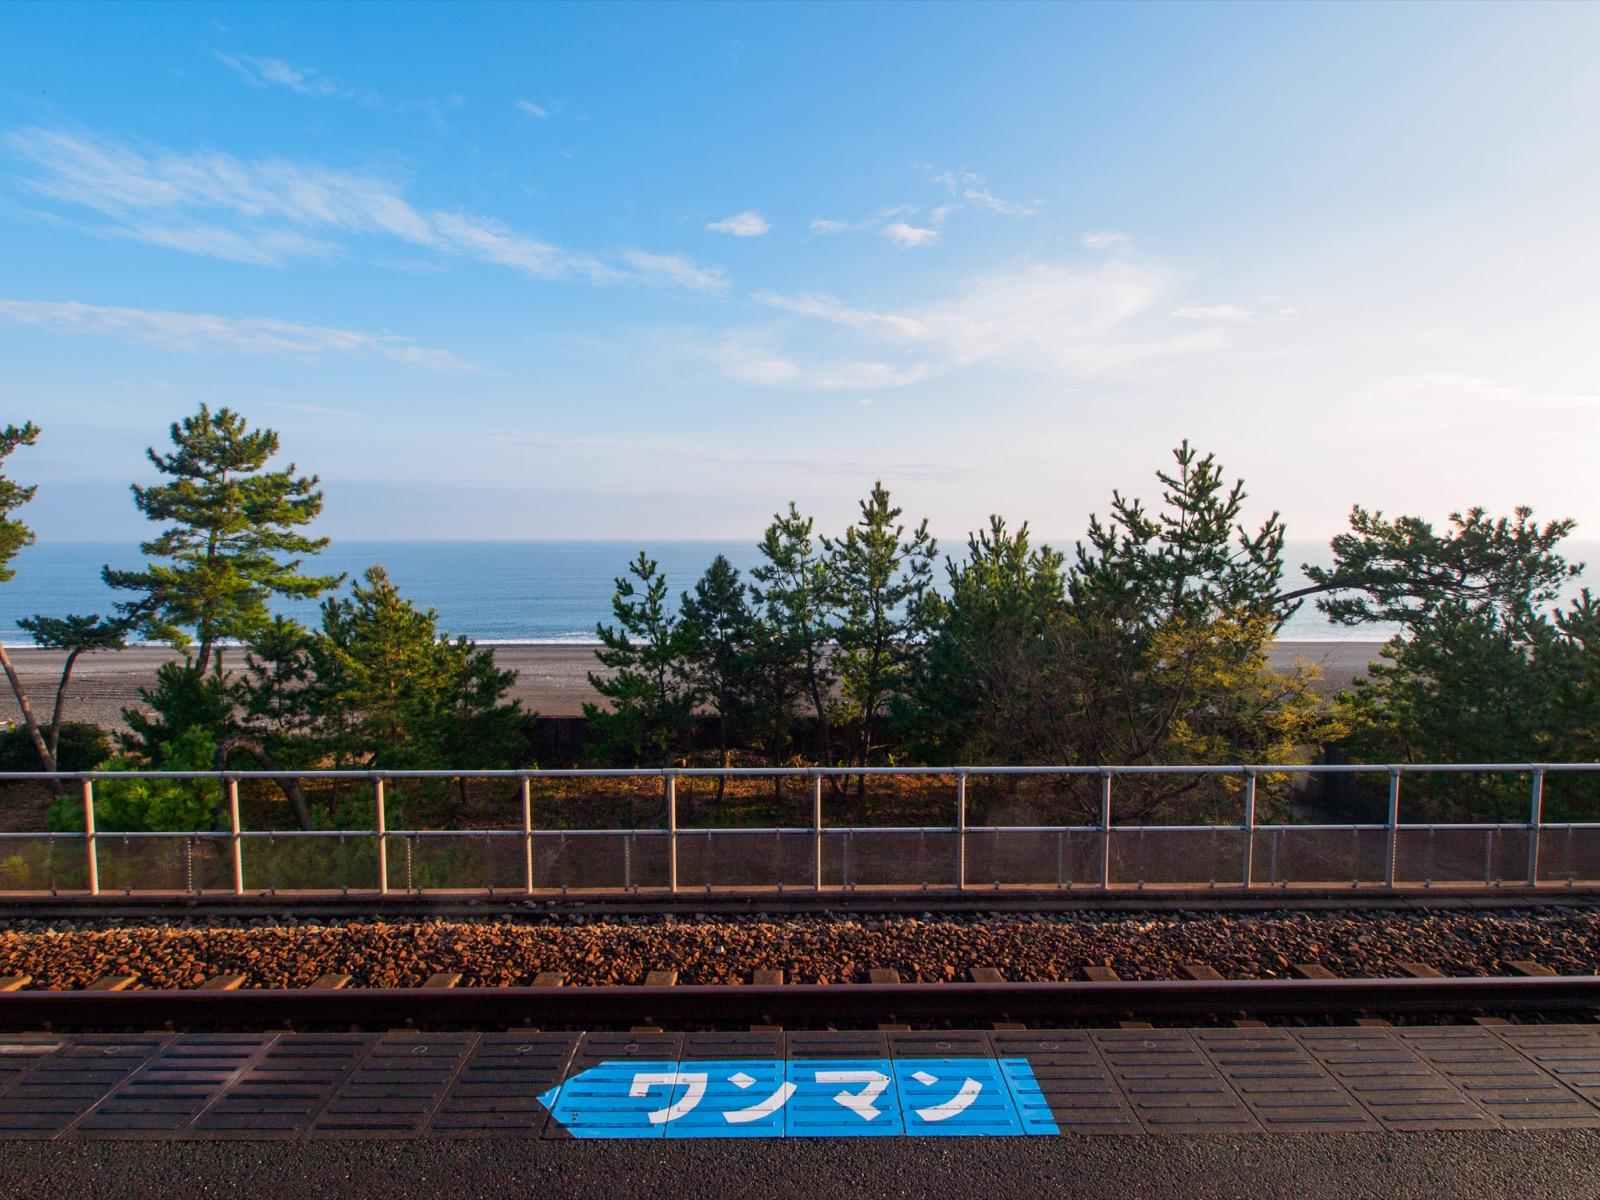 西分駅のホームから見える土佐湾(太平洋)